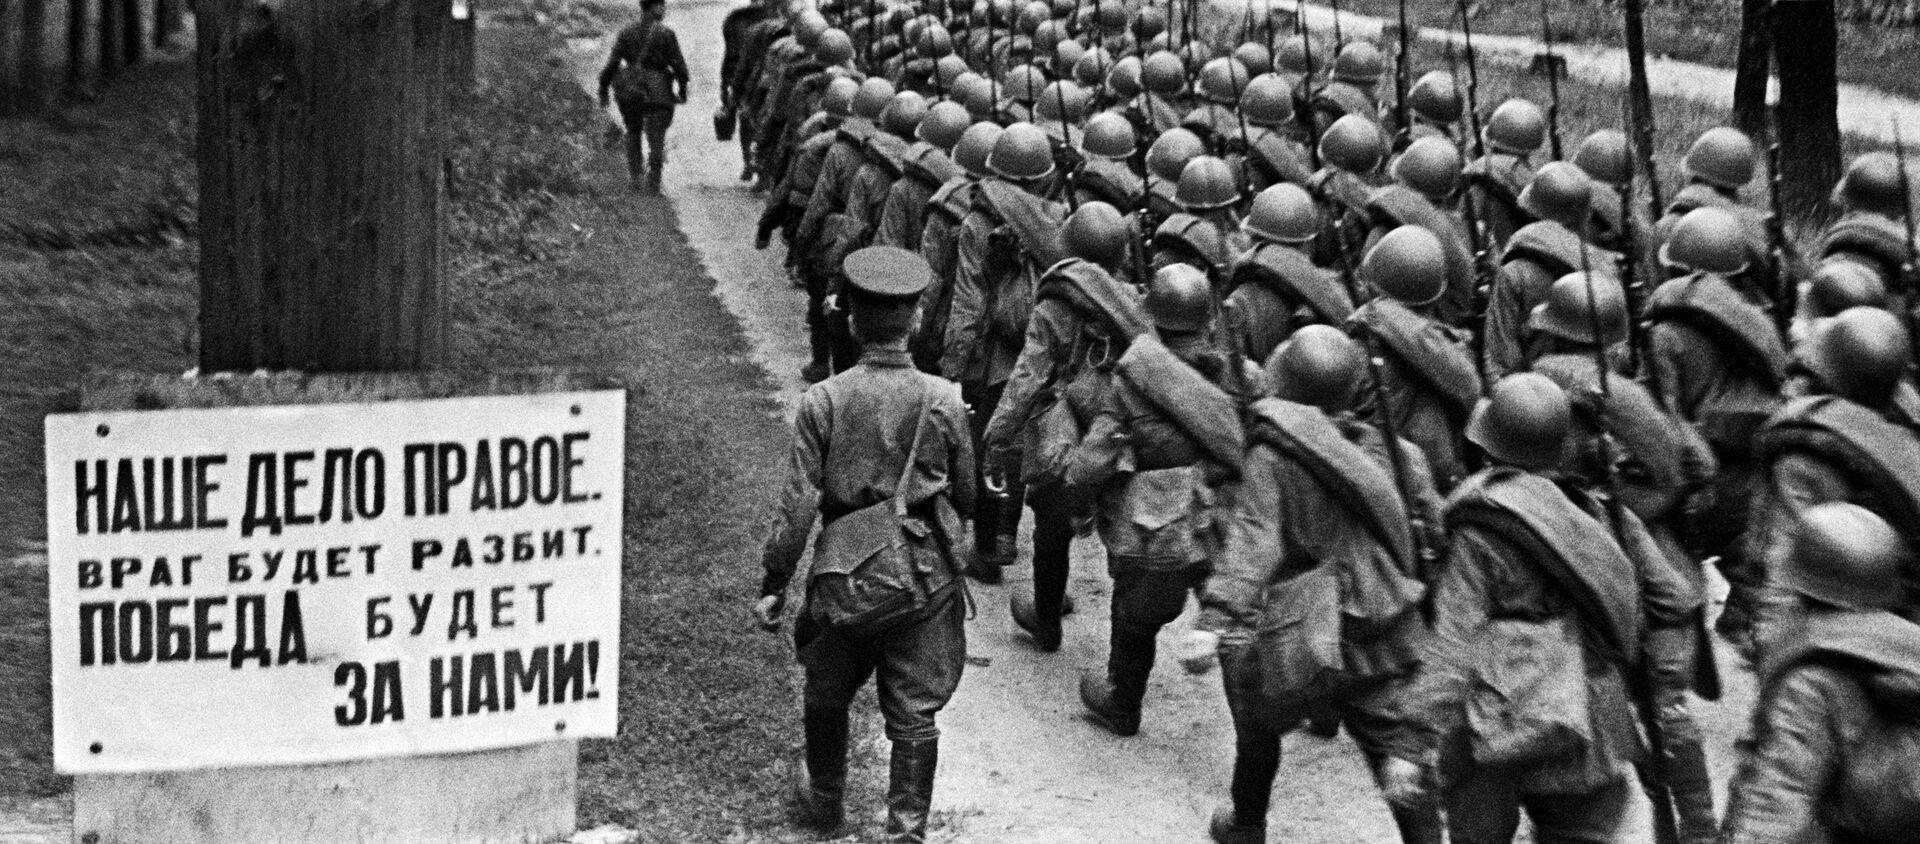 Các đơn vị di chuyển ra mặt trận từ Moskva, ngày 23/6/1941. - Sputnik Việt Nam, 1920, 22.06.2021